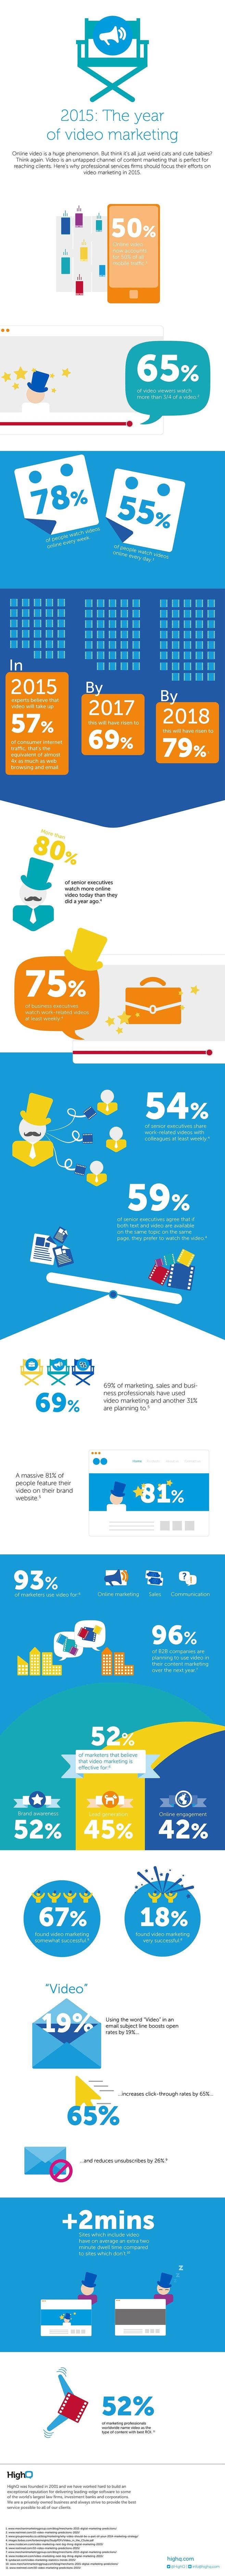 Statistiques sur le vidéo marketing